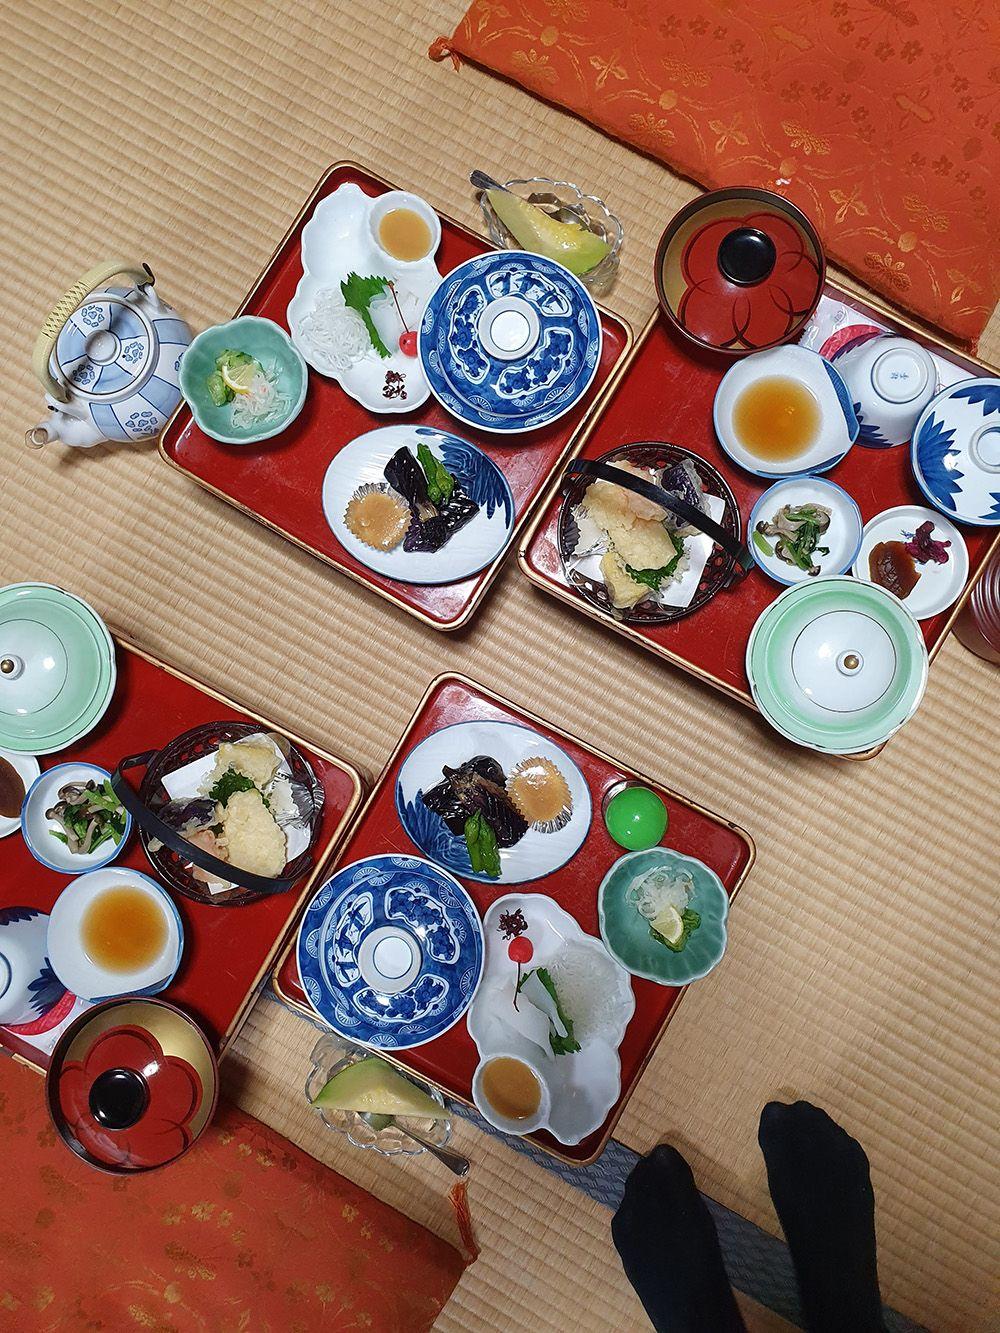 ארוחת ערב טבעונית במנזר Jokiin